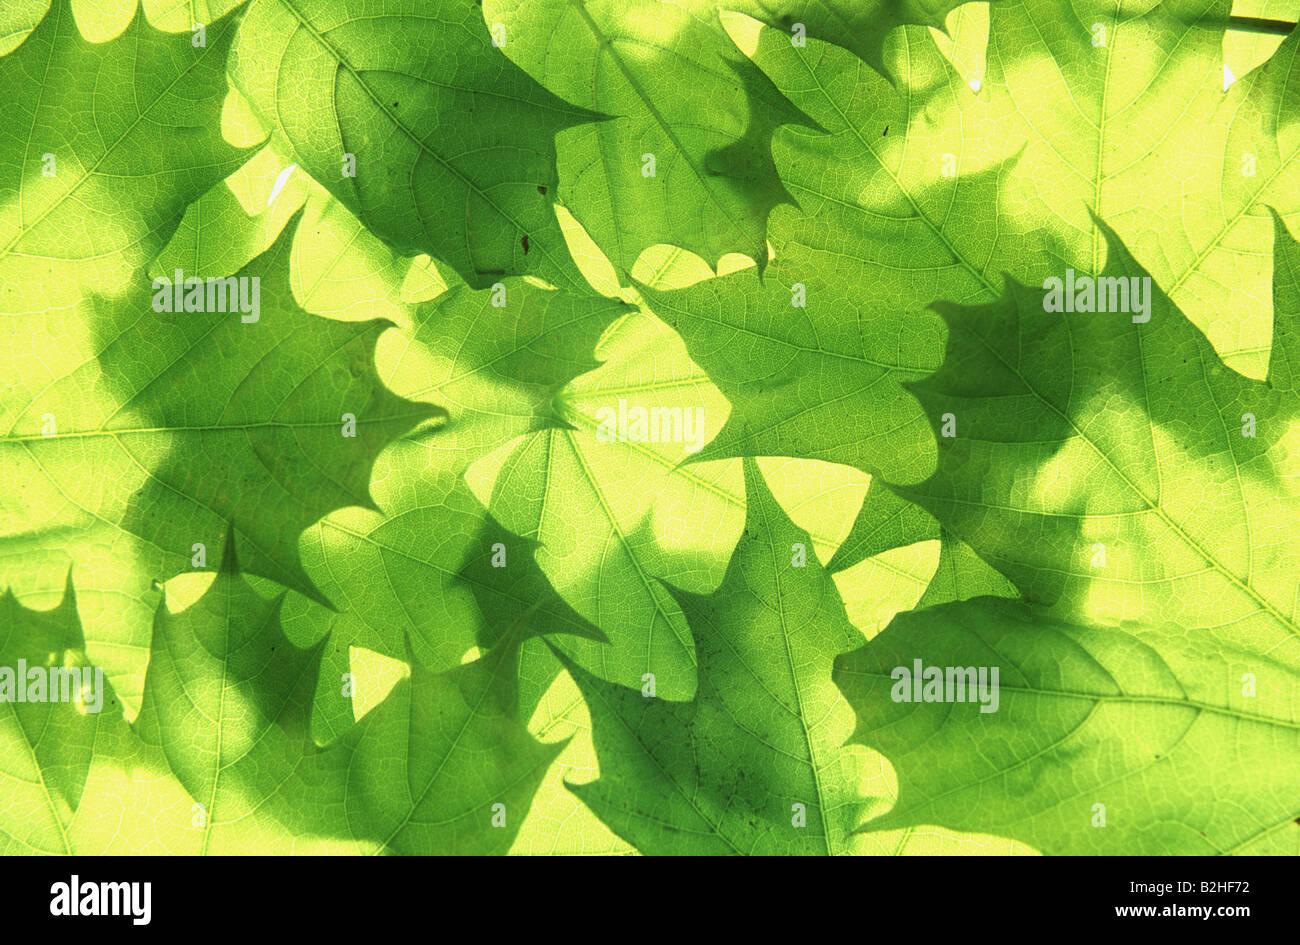 Acero acer immagine impressa sullo schermo suggestiva immagine di sfondo sfondo vicino pattern pattern Immagini Stock